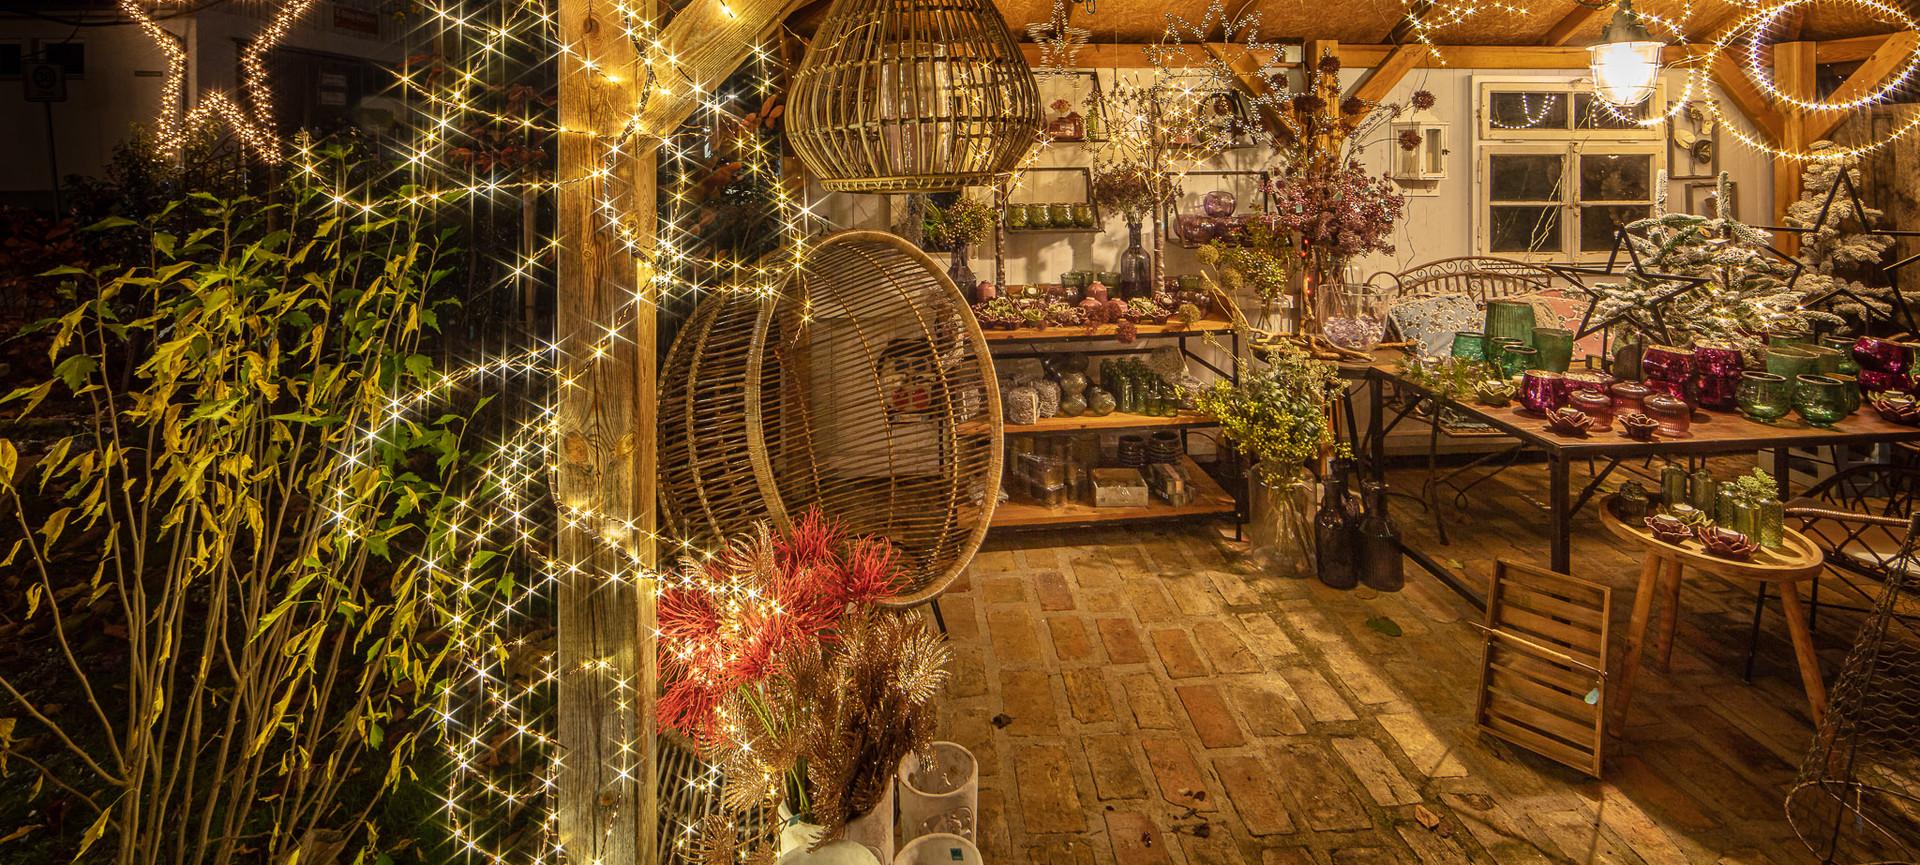 Weihnachtsdeko web res-1.jpg